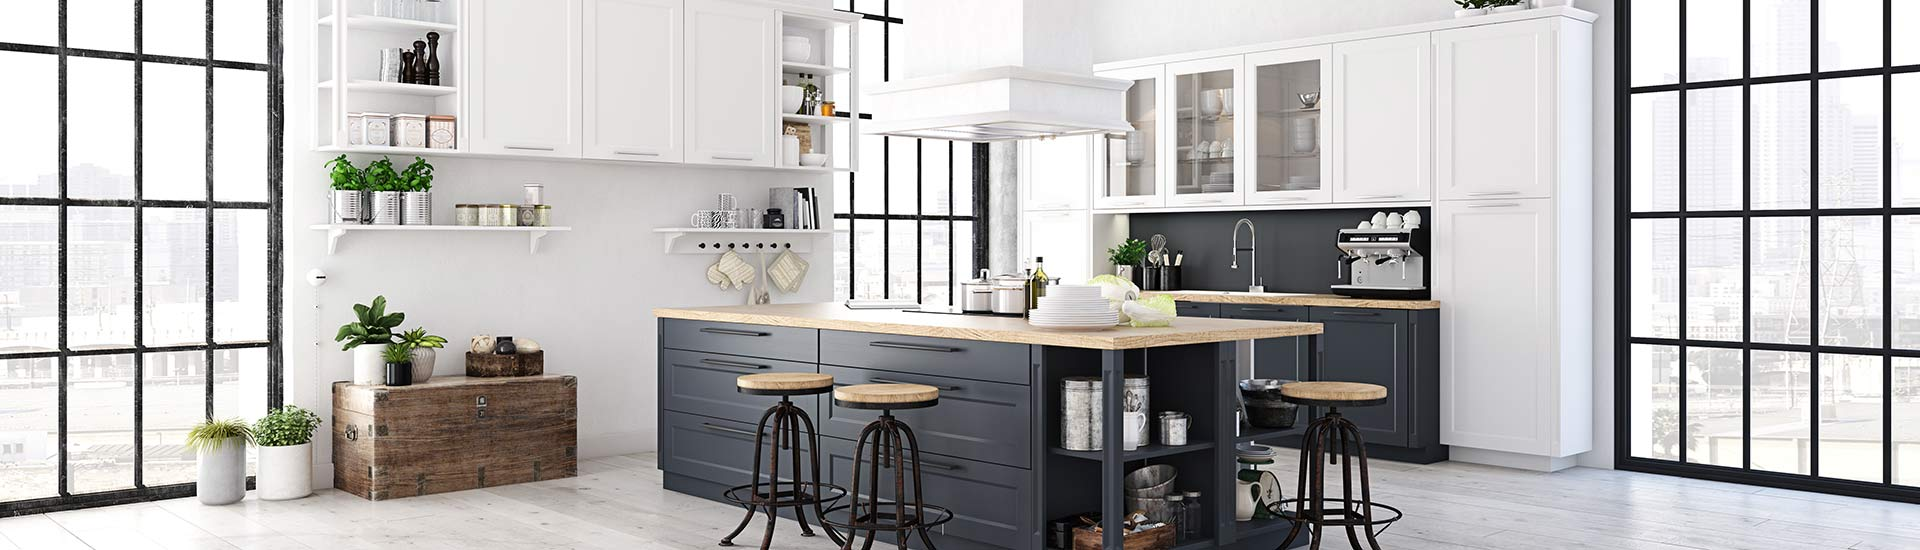 Moderne Küche mit offenem Bereich